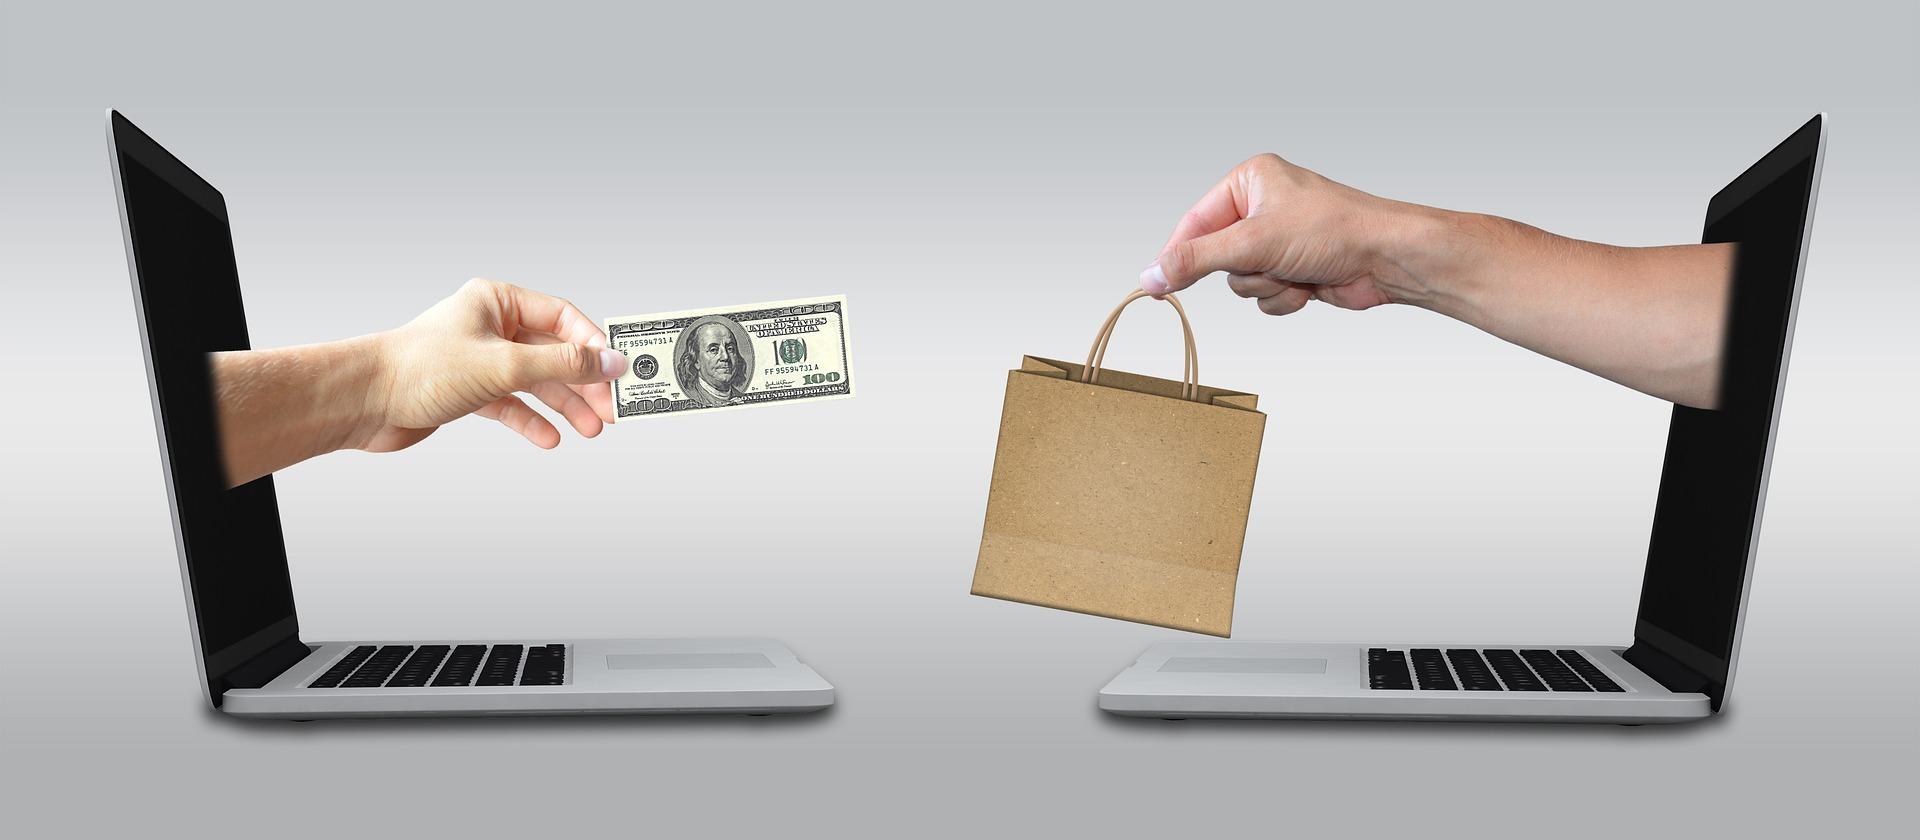 האם באמת לקנות באינטרנט משתלם יותר?